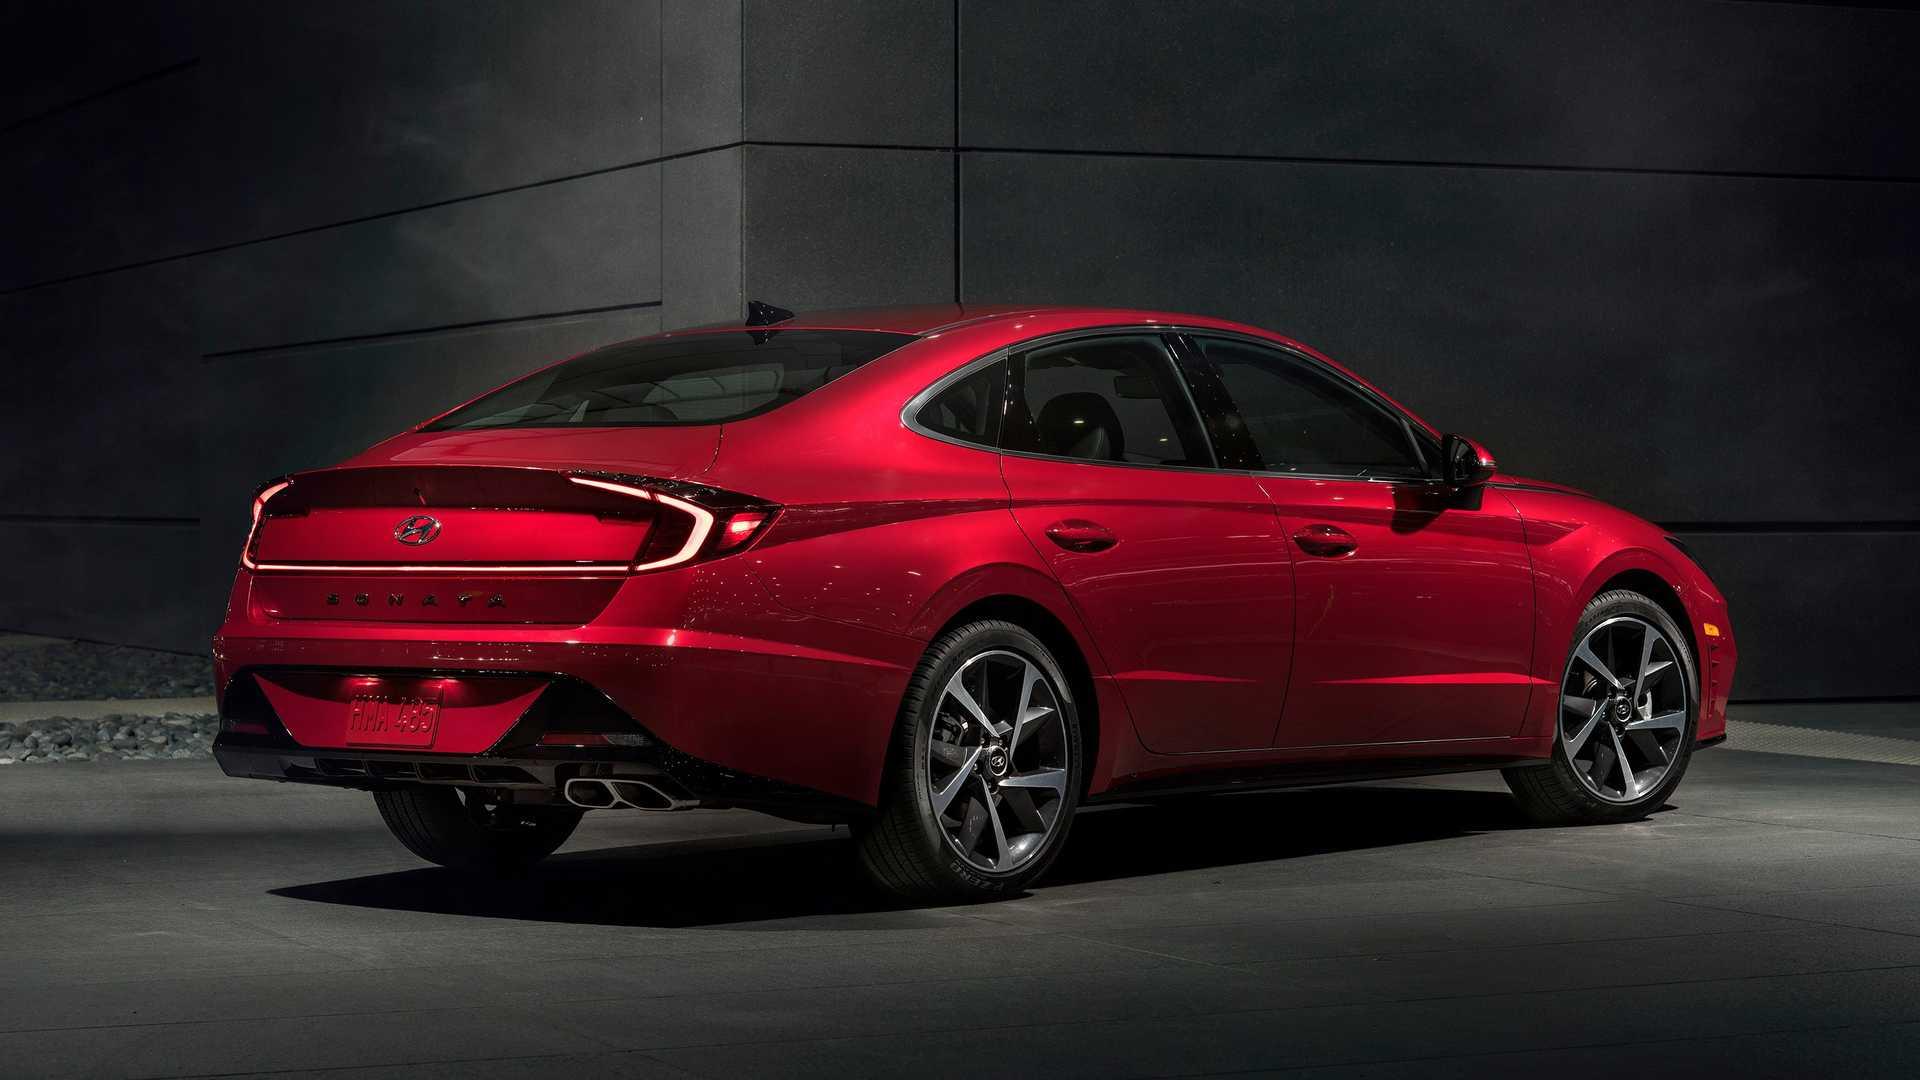 2020 Hyundai Sonata Makes U.S. Debut At New York Auto Show ...